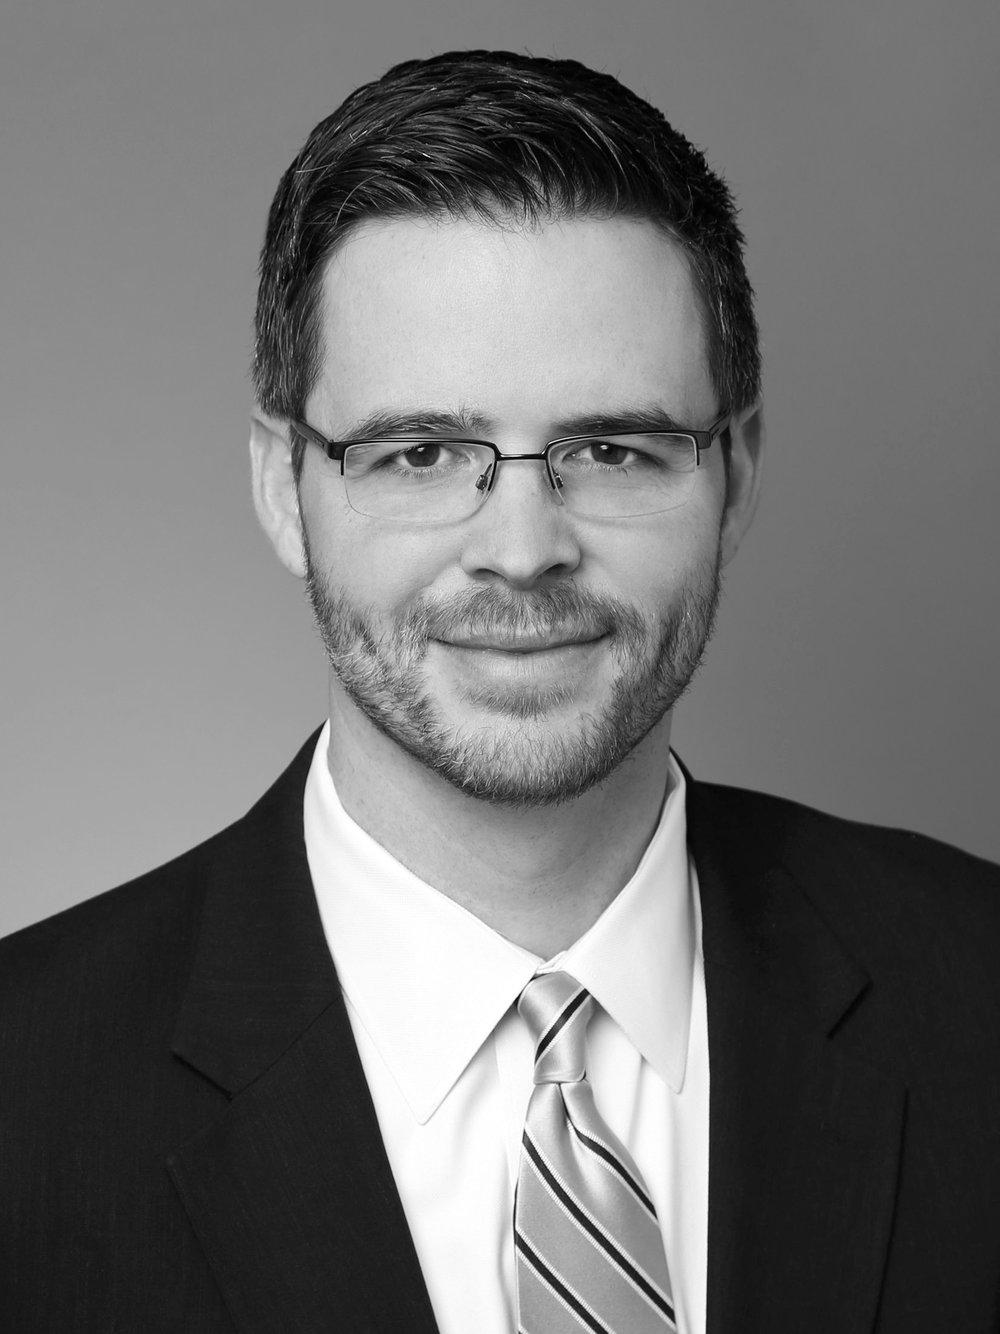 Christopher J. Pickett - Partner312.596.7779cpickett@lpplawfirm.com